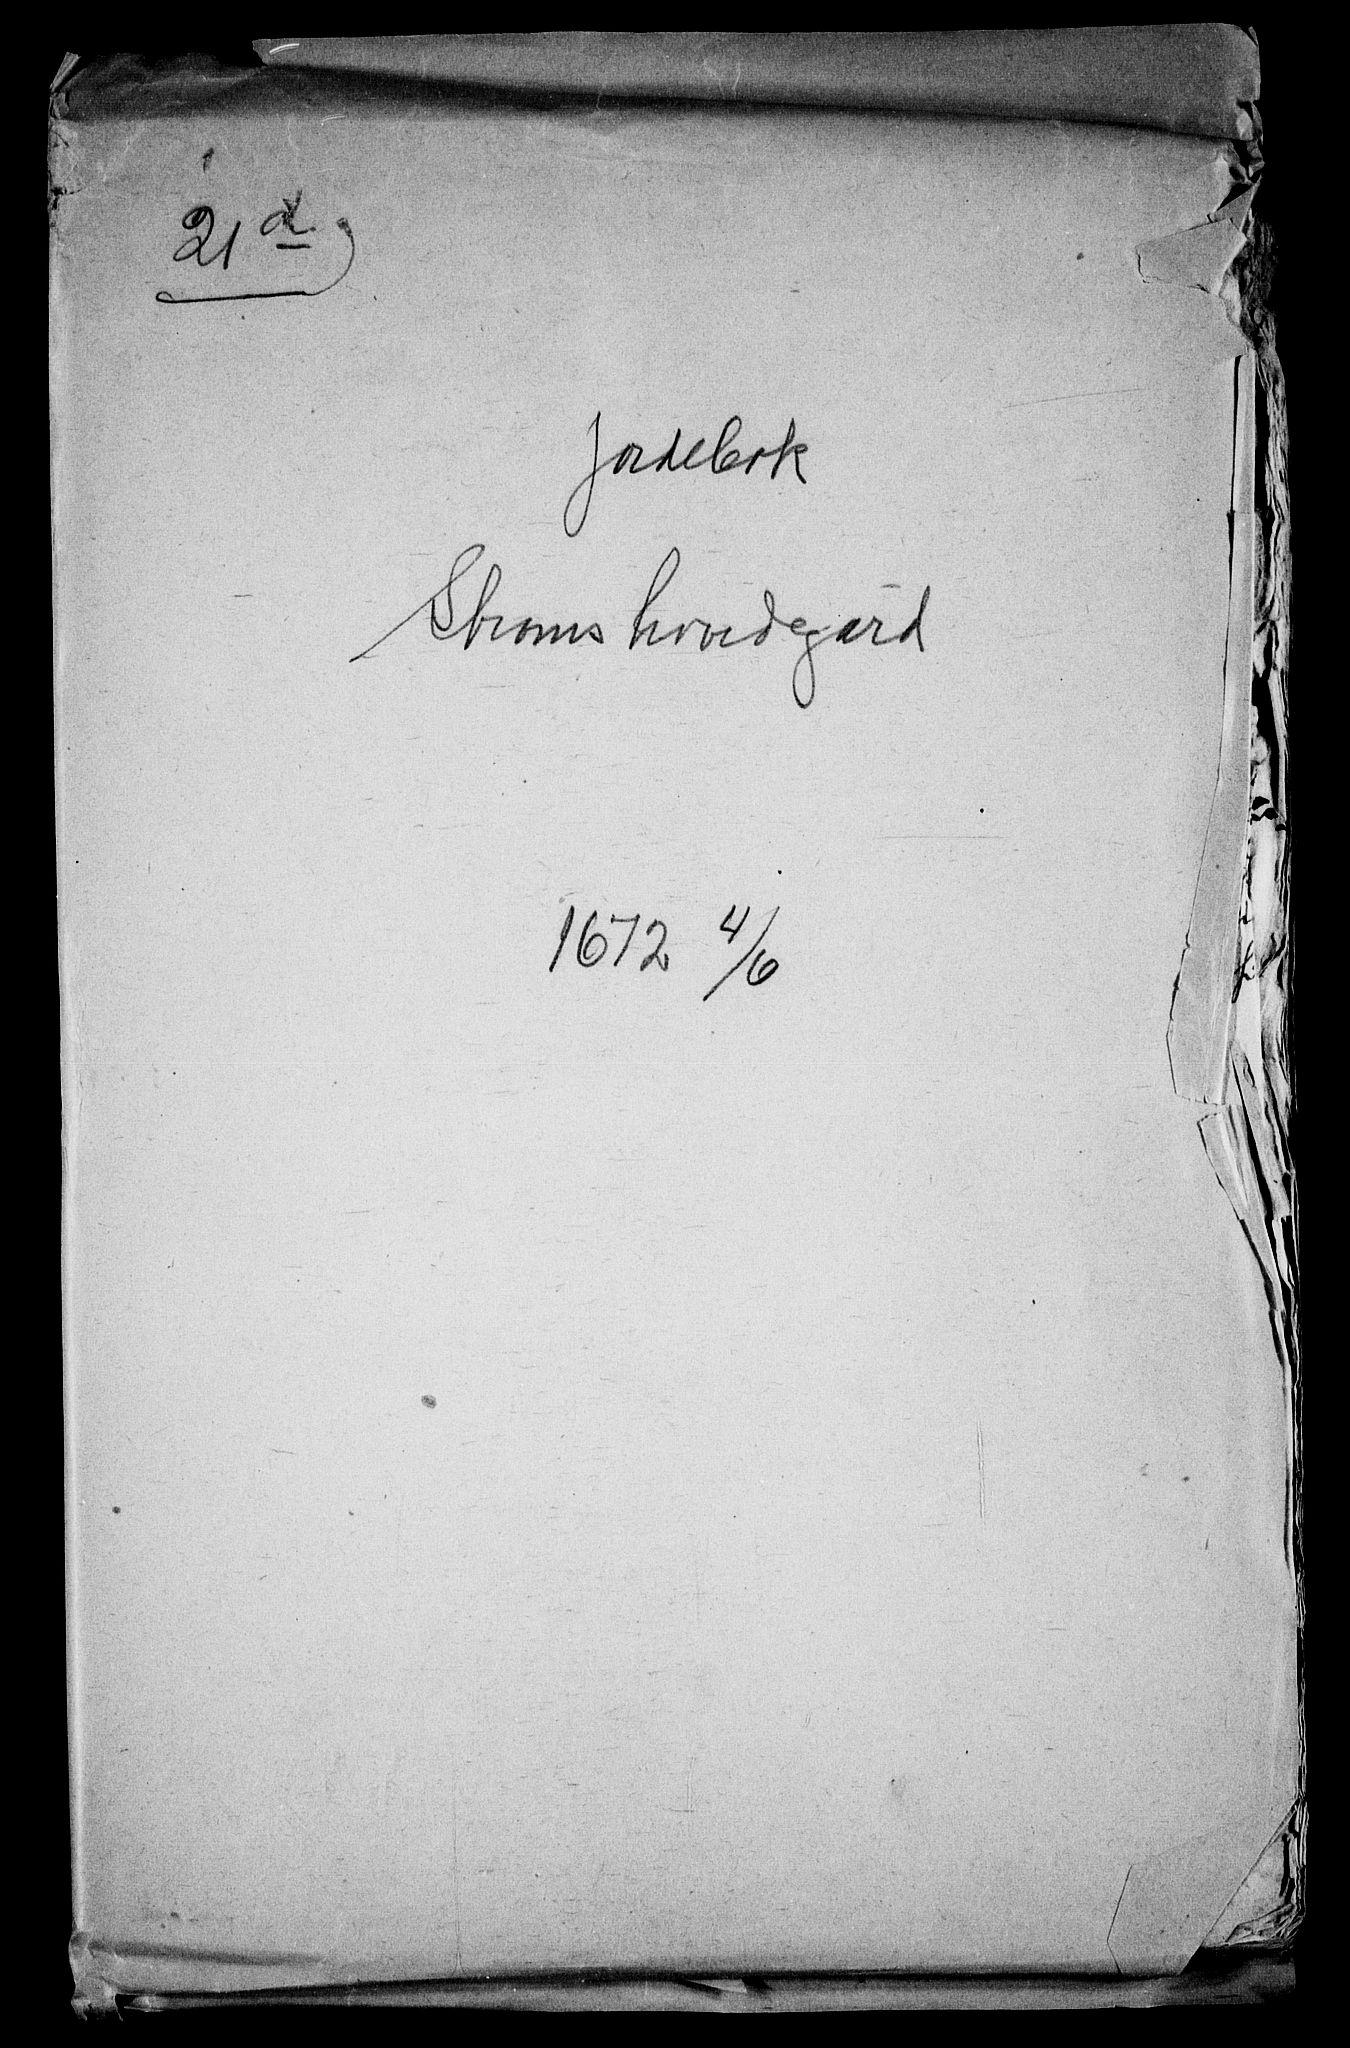 RA, Rentekammeret inntil 1814, Realistisk ordnet avdeling, On/L0008: [Jj 9]: Jordebøker innlevert til kongelig kommisjon 1672: Hammar, Osgård, Sem med Skjelbred, Fossesholm, Fiskum og Ulland (1669-1672), Strøm (1658-u.d. og 1672-73) samt Svanøy gods i Sunnfjord (1657)., 1672, s. 213